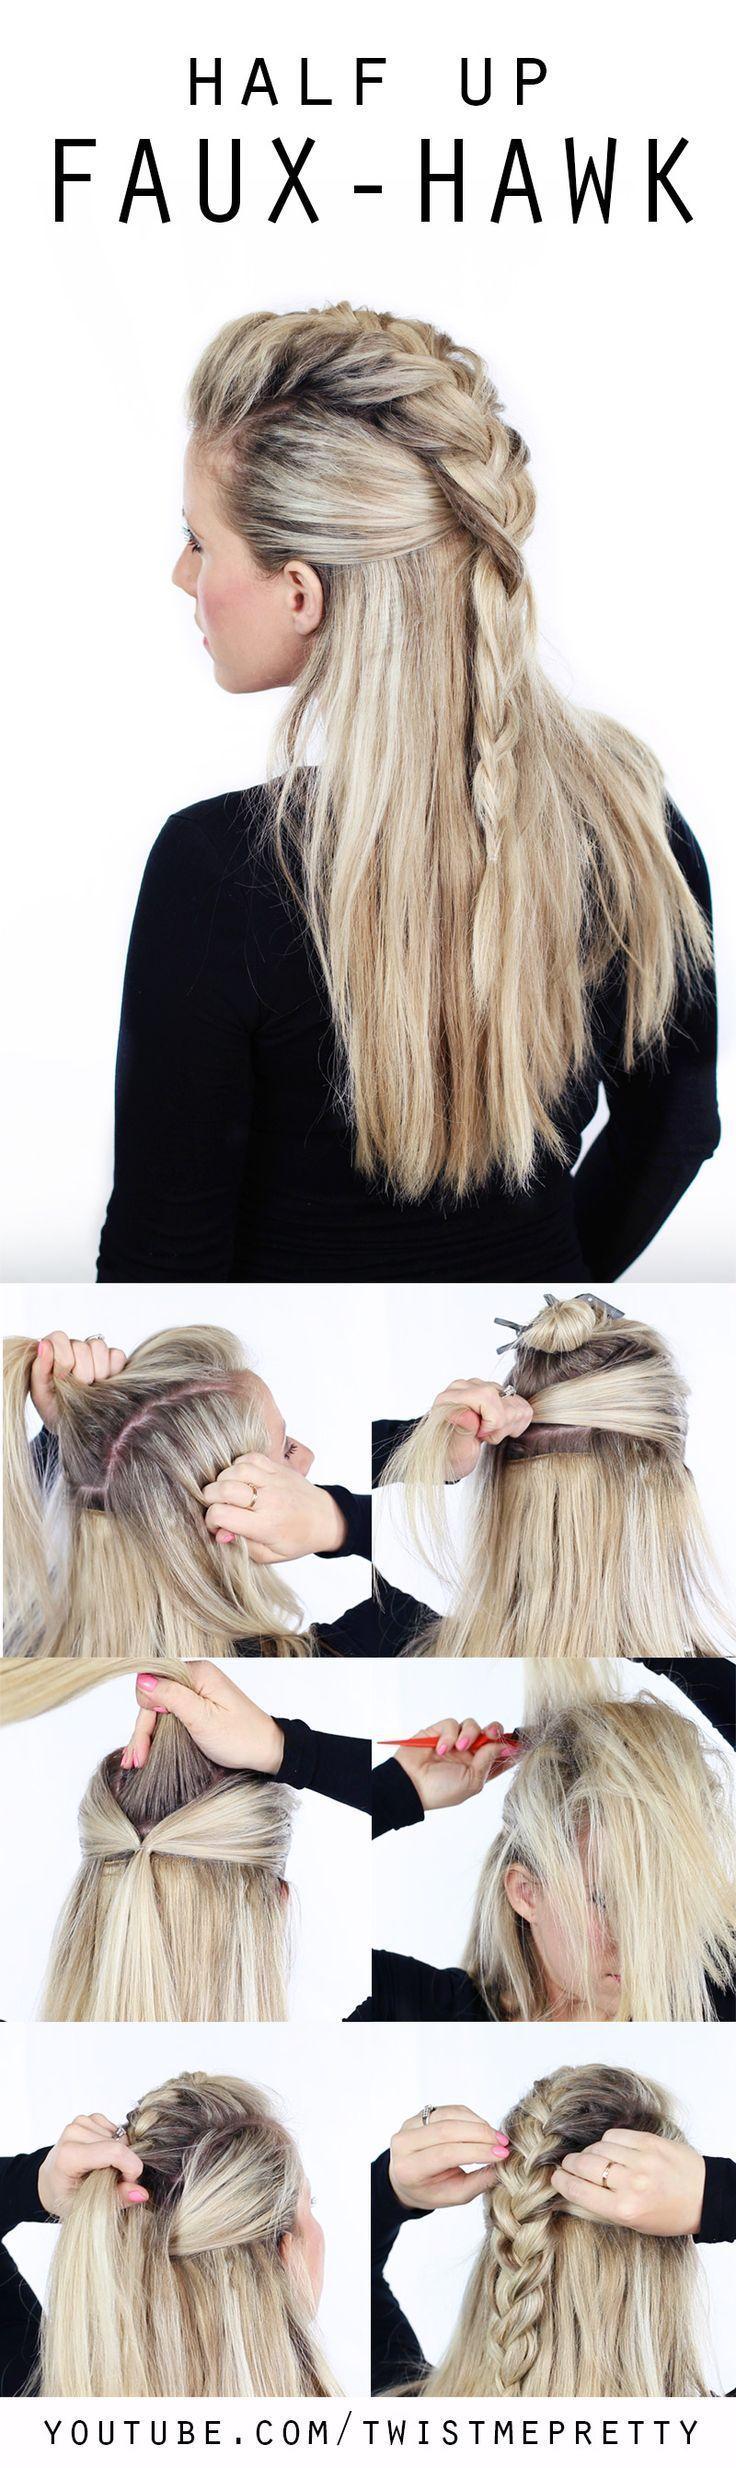 How to Tame Your Hair: Summer Hair Tutorials | Pretty Designs | thebeautyspotqld.com.au